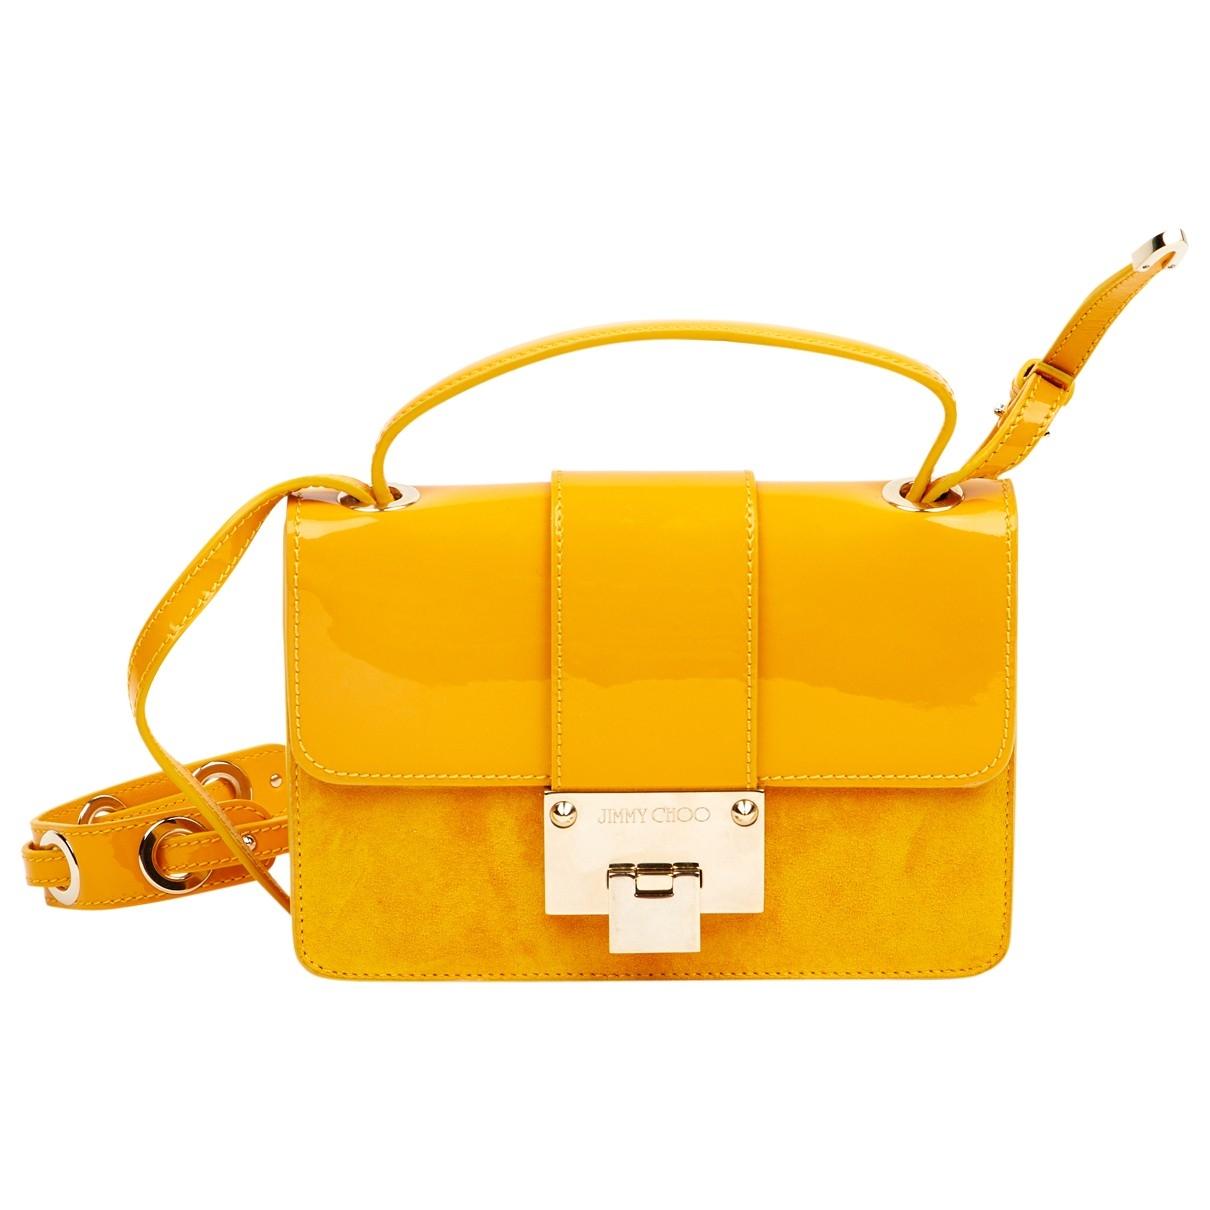 Jimmy Choo \N Handtasche in  Gelb Lackleder